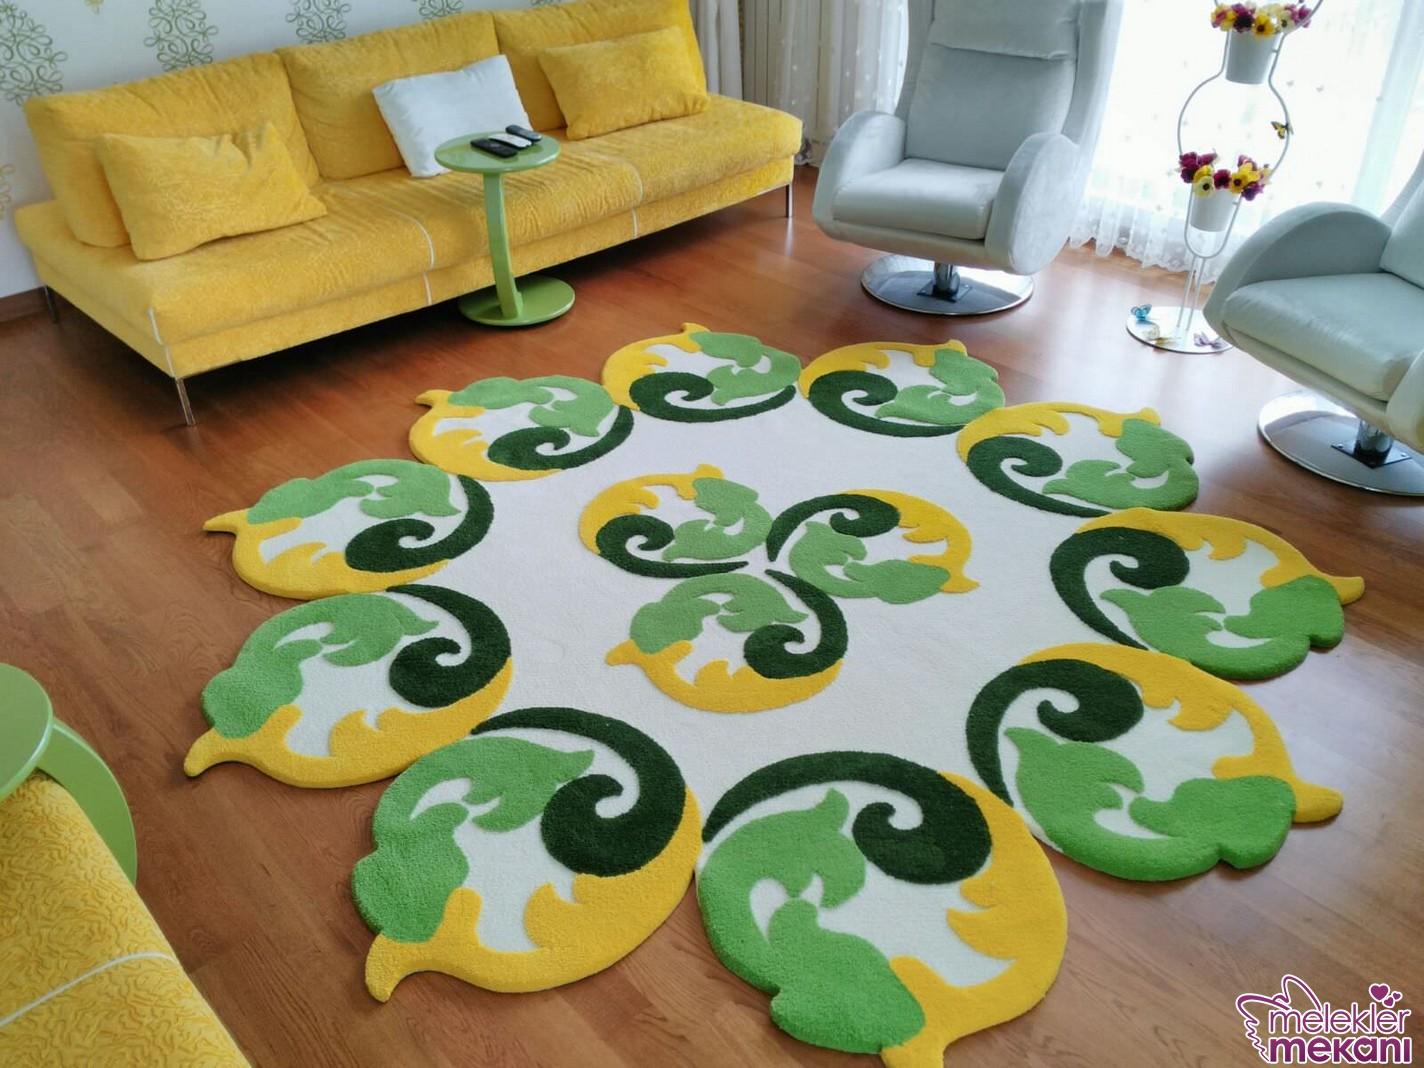 Farklı renklerdeki estetik halı tasarımlarına evinizde yer açabilirsiniz.